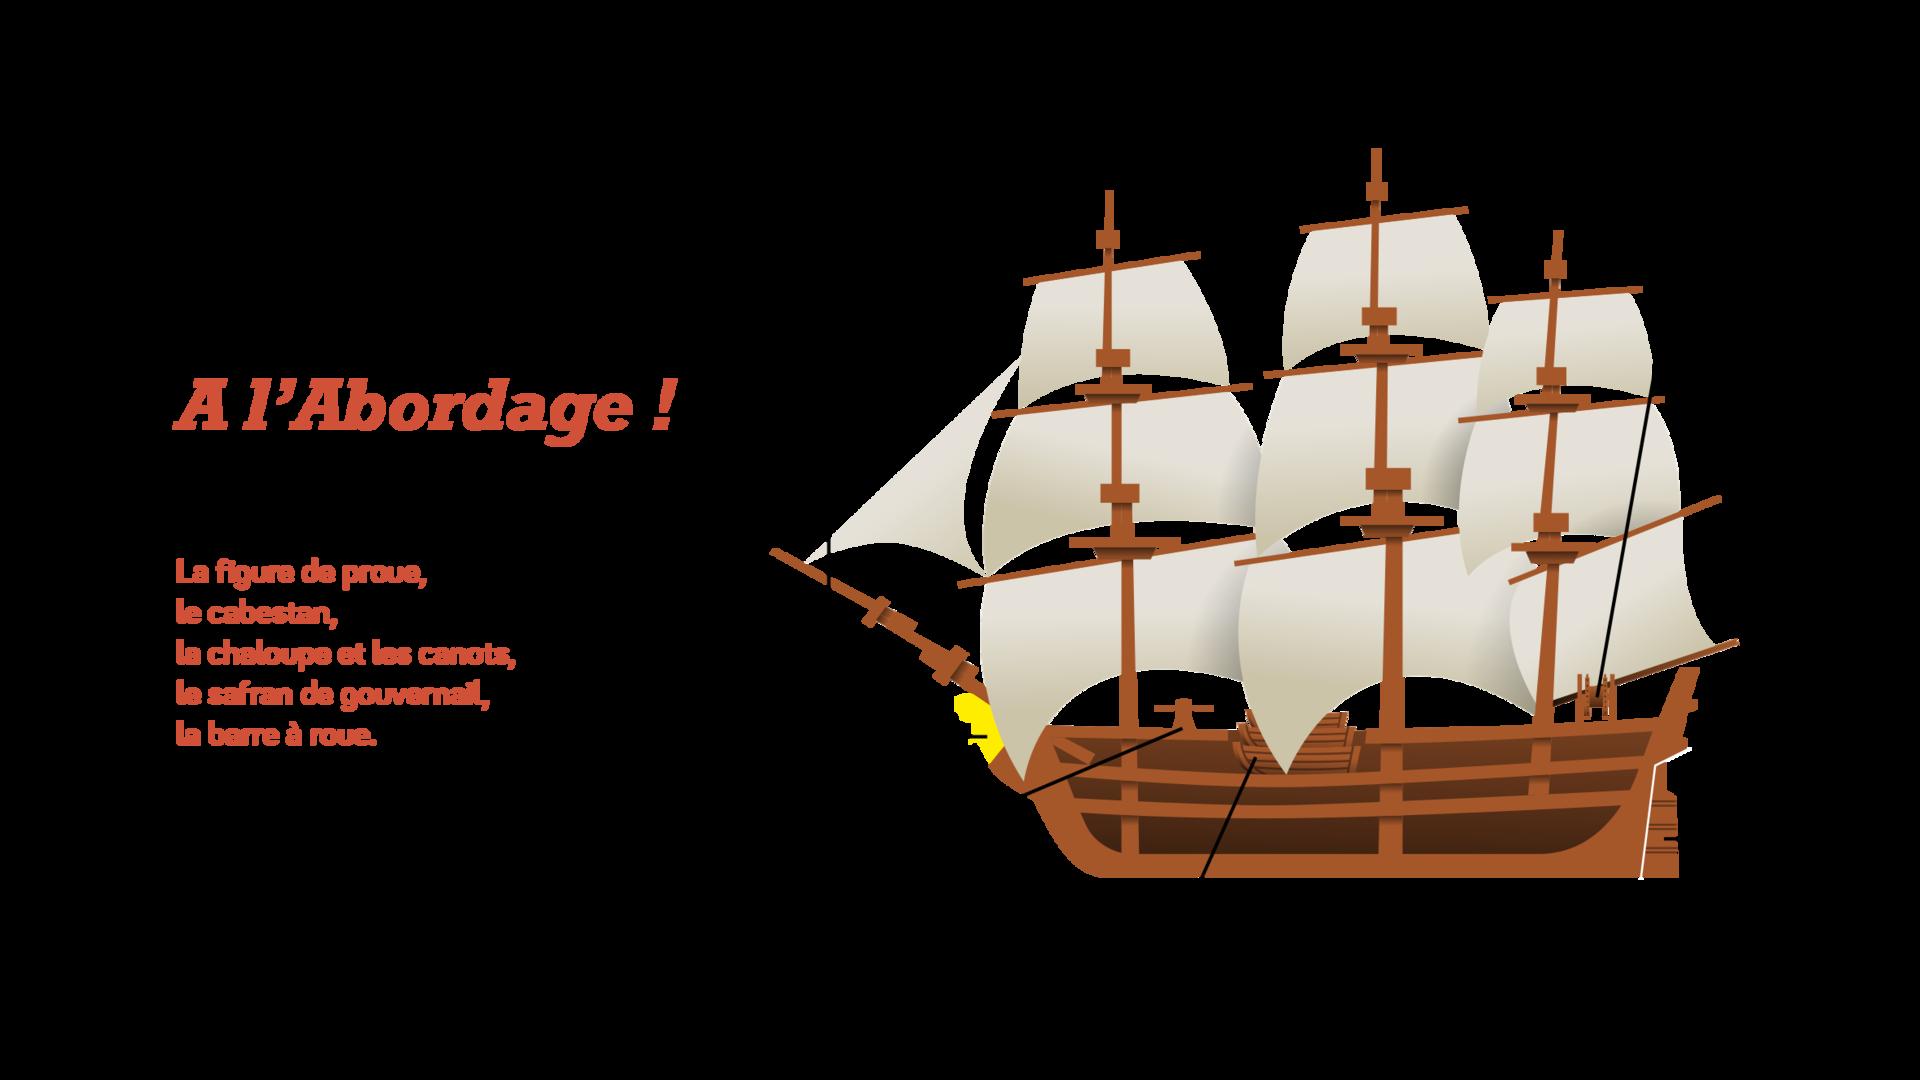 Schéma d'un navire du 18e